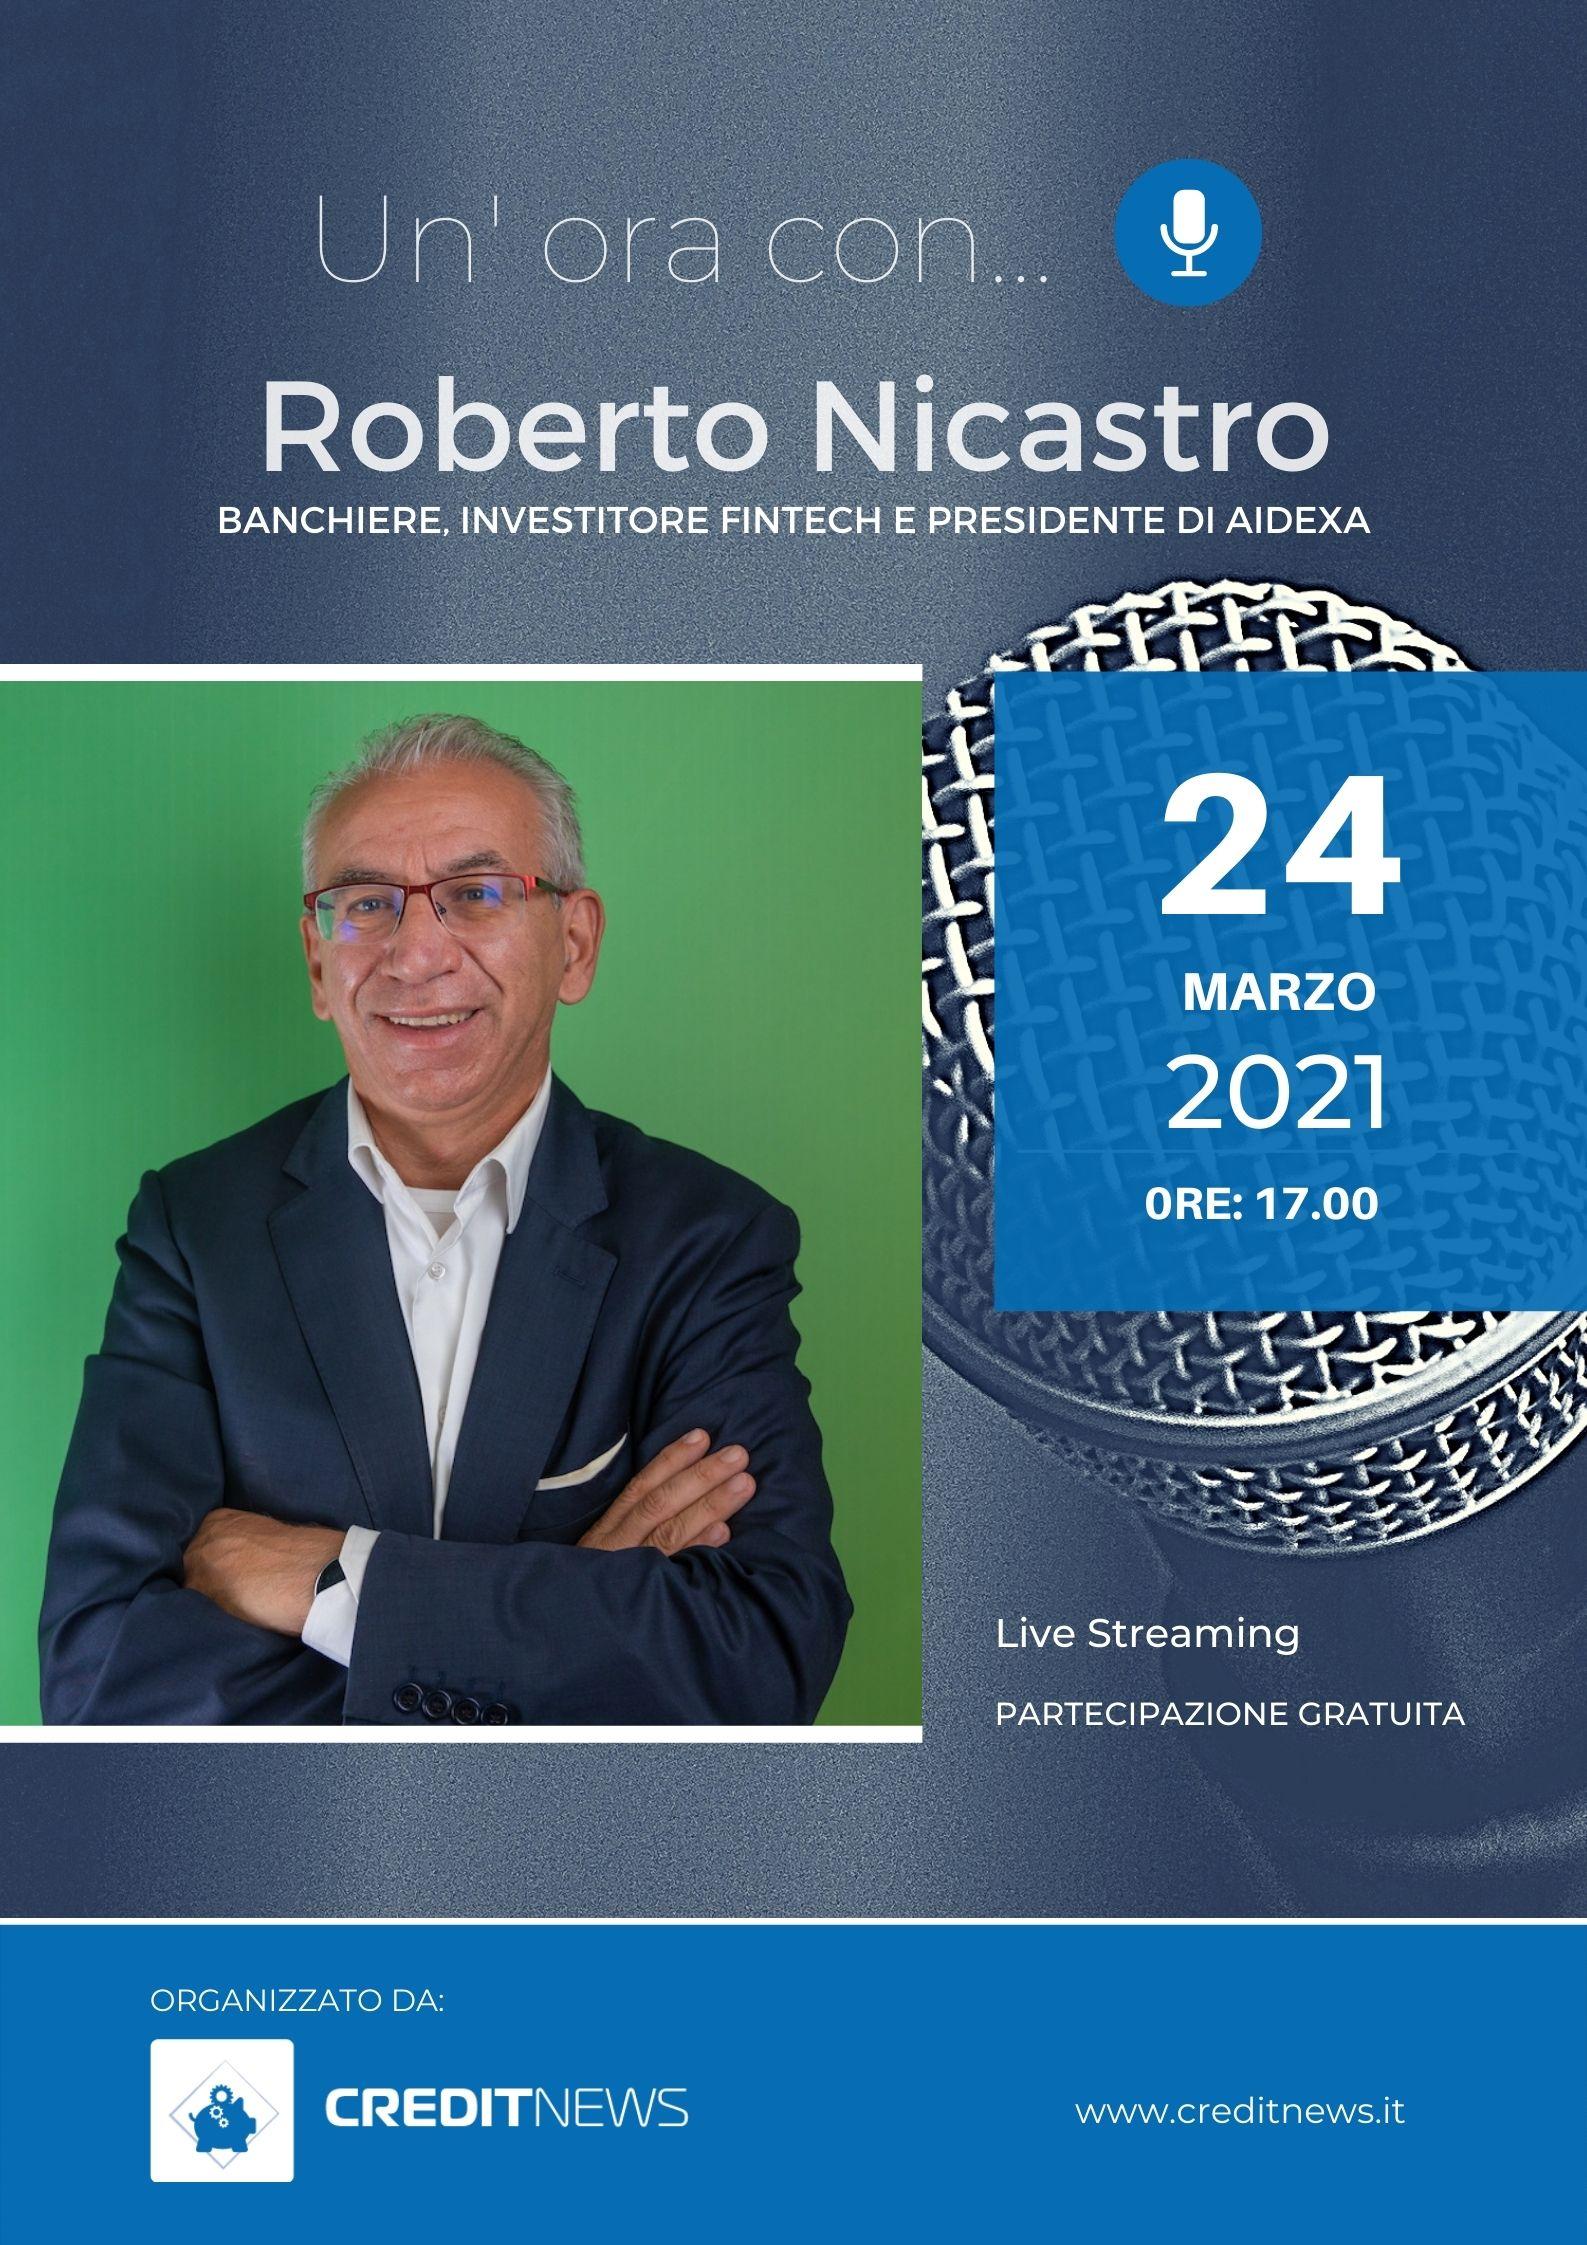 Un'ora con... Roberto Nicastro, banchiere, investitore fintech e Presidente AideXa